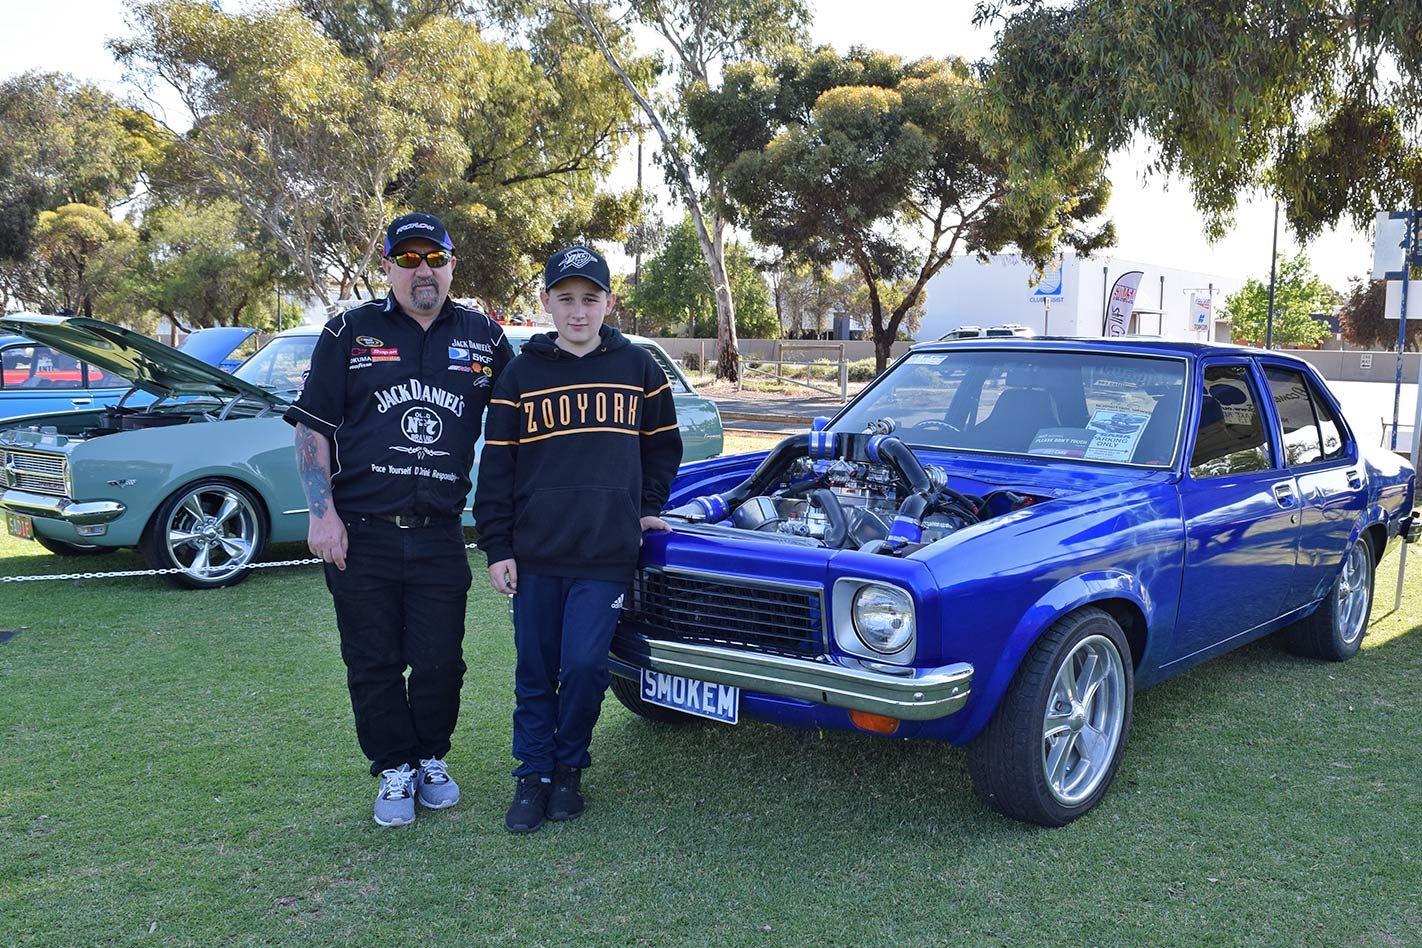 Glen McHale with son Brayden